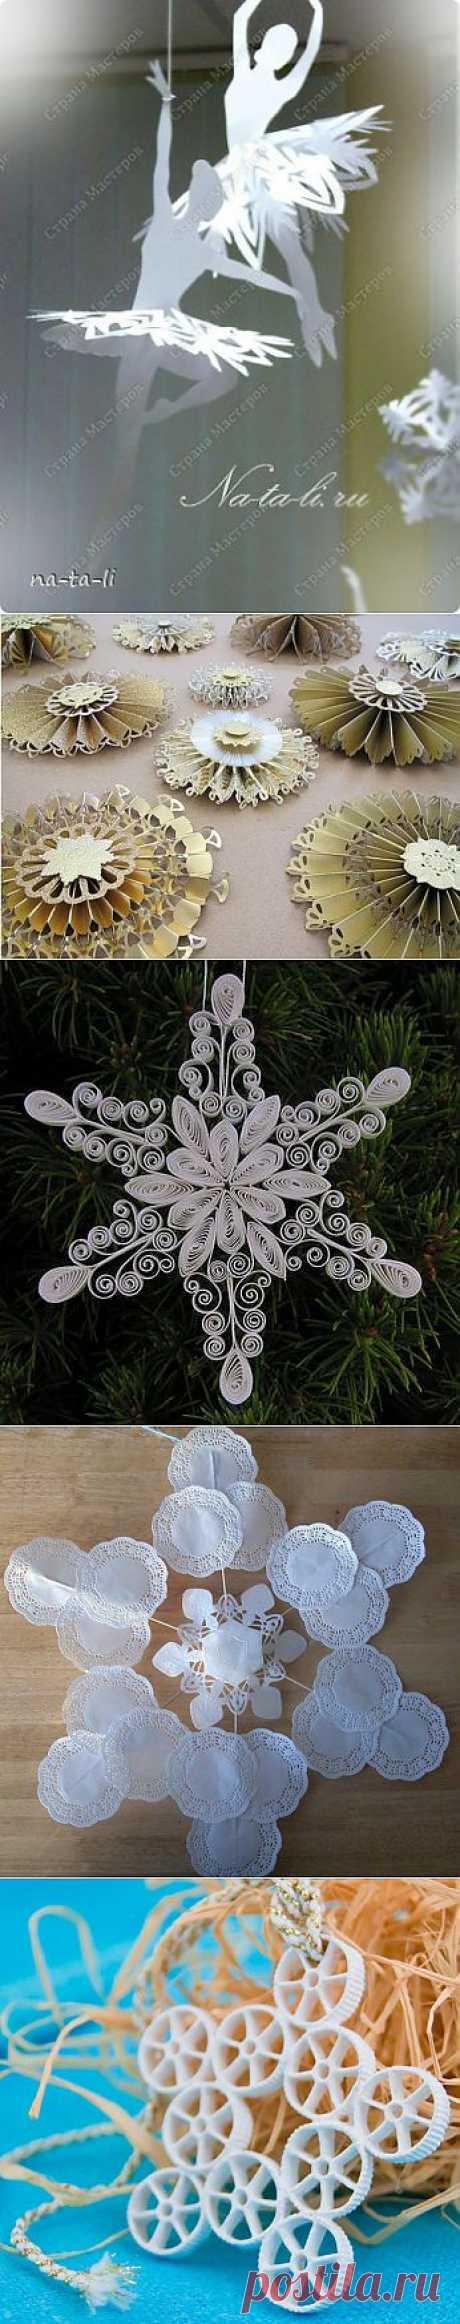 Ах снег снежок, белая метелица... Снежинки своими руками.